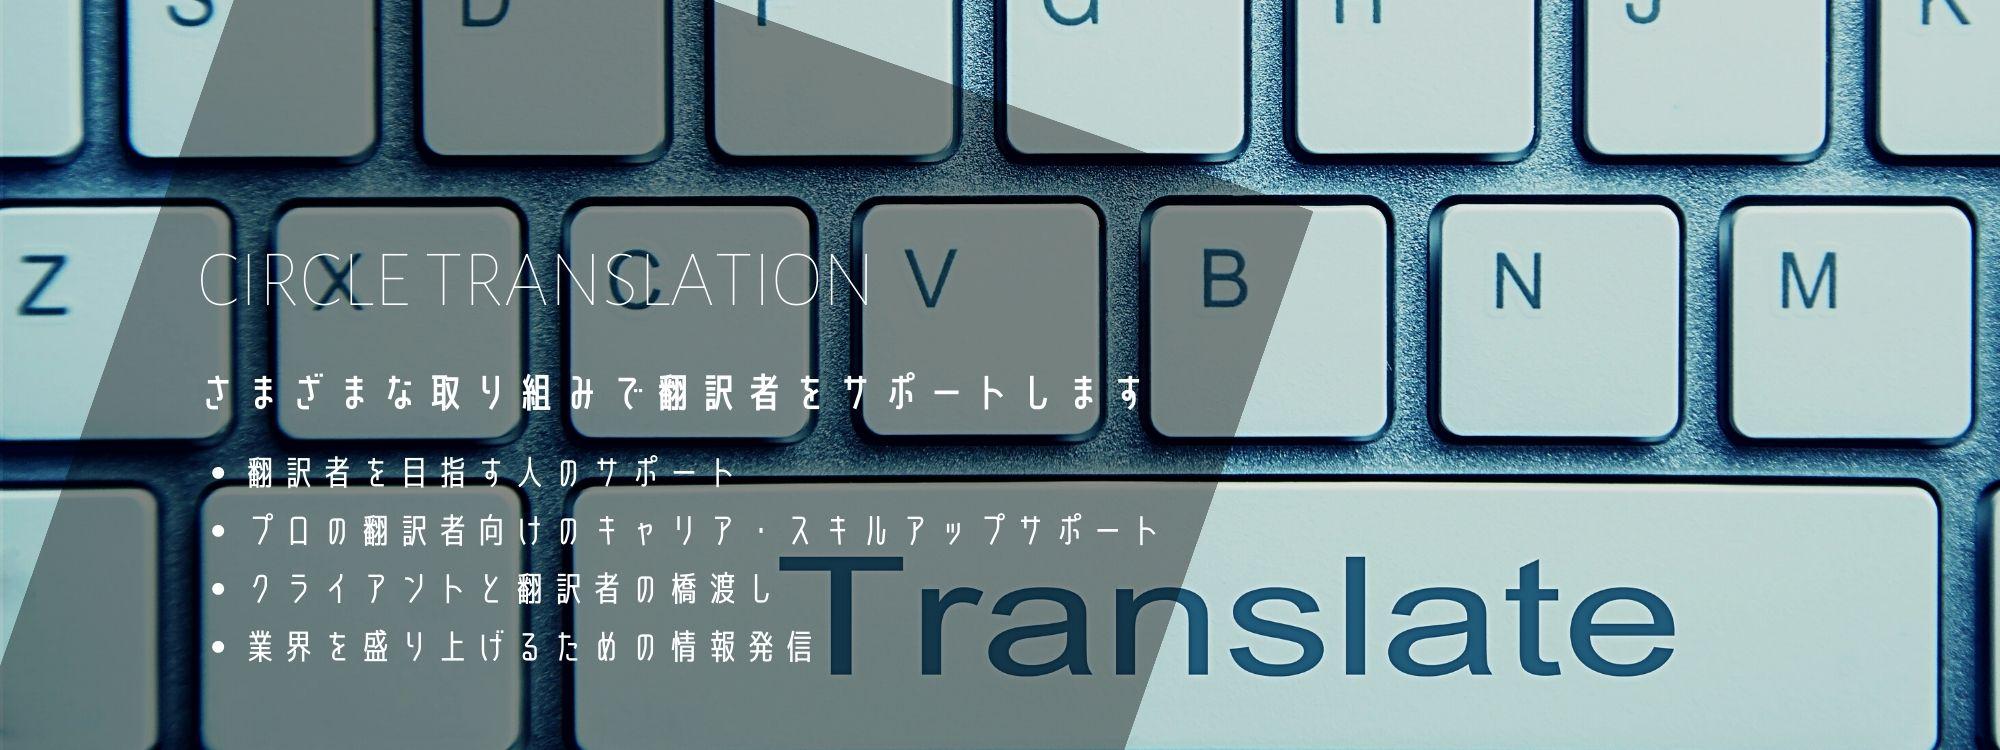 Circle Translation – サークルトランスレーション